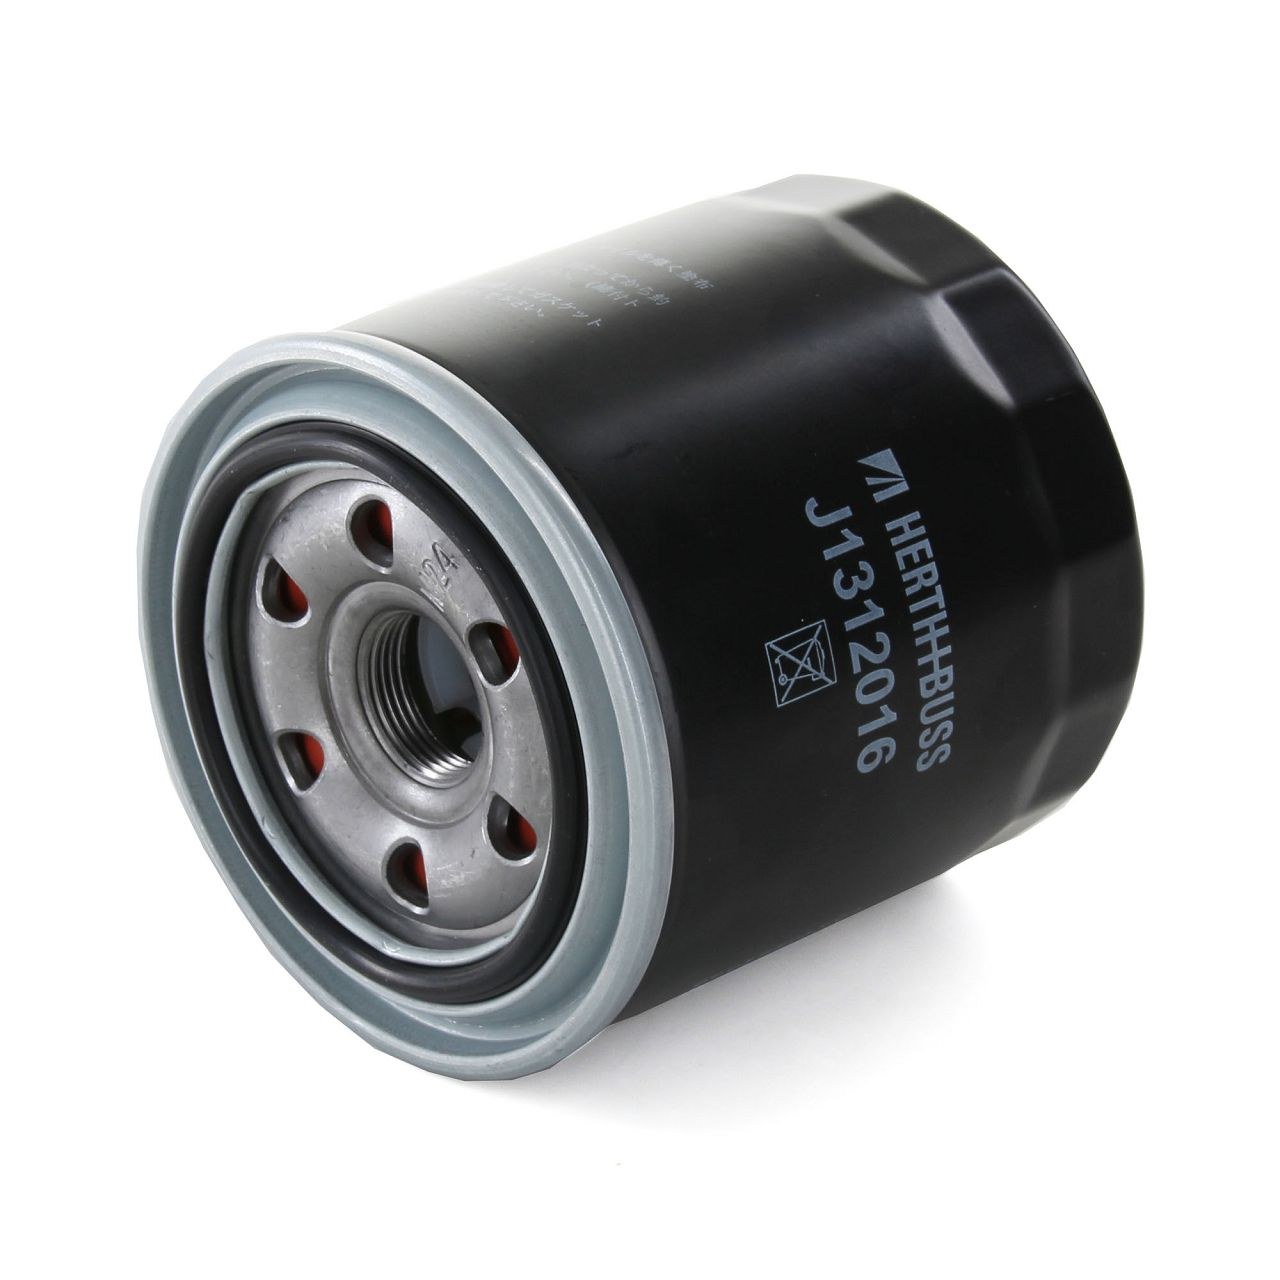 HERTH+BUSS JAKOPARTS Filterset für TOYOTA AVENSIS (T25) COROLLA (E12) 2.0 D-4D